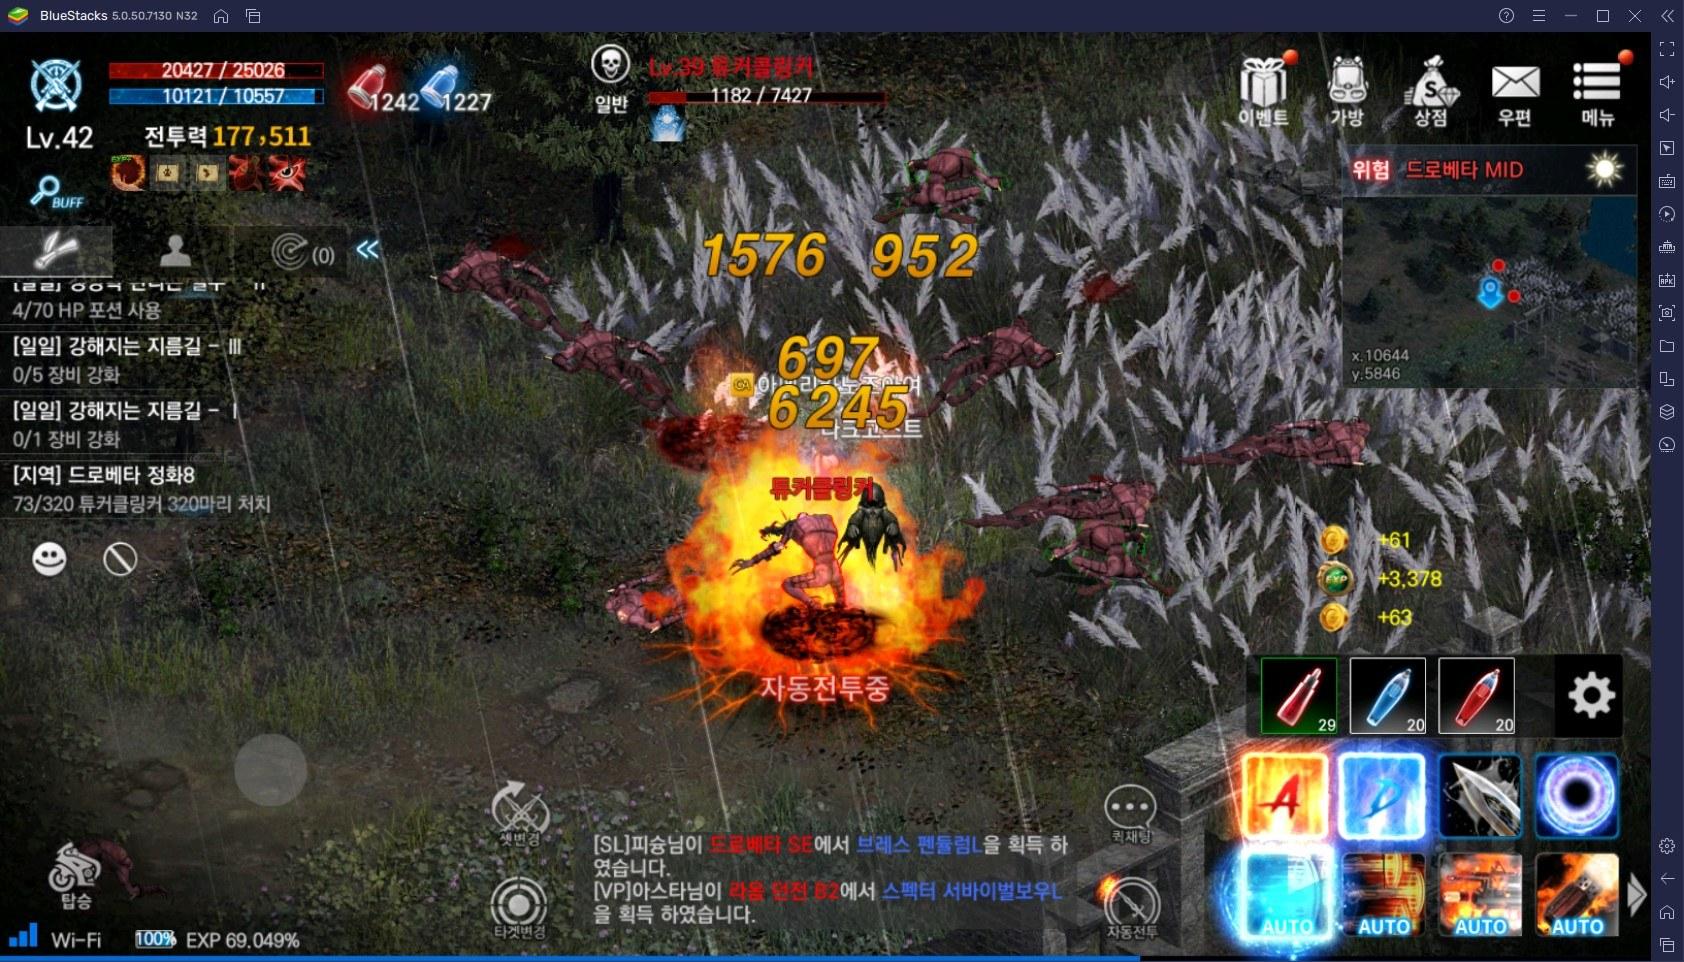 블루스택 앱플레이어로 PC에서 혼돈의 땅 업데이트로 날아오르는 다크에덴M을 만나보세요!